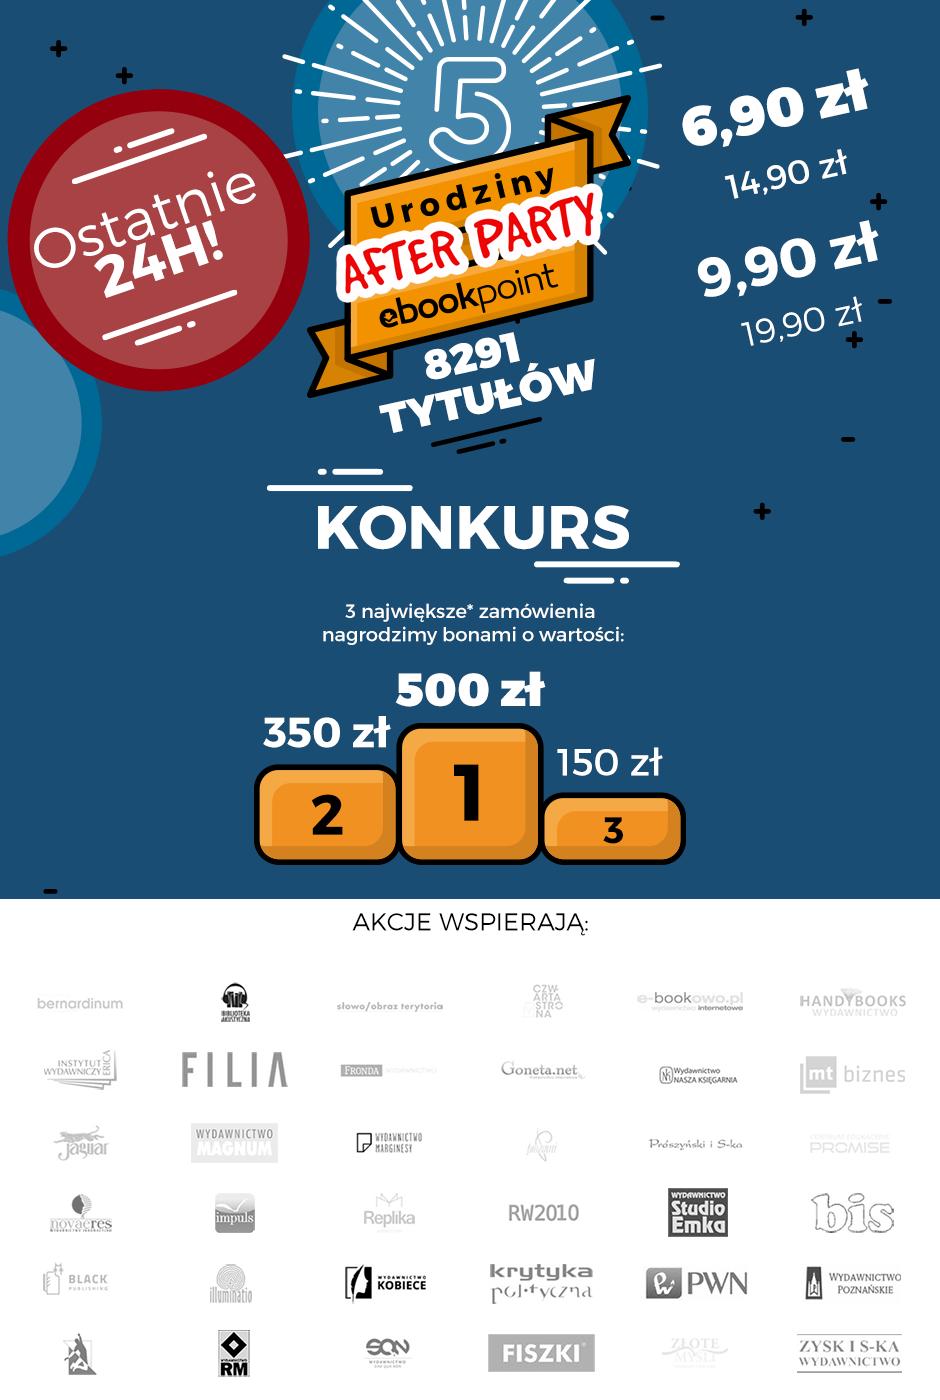 Piąte urodziny ebookpoint.pl after party